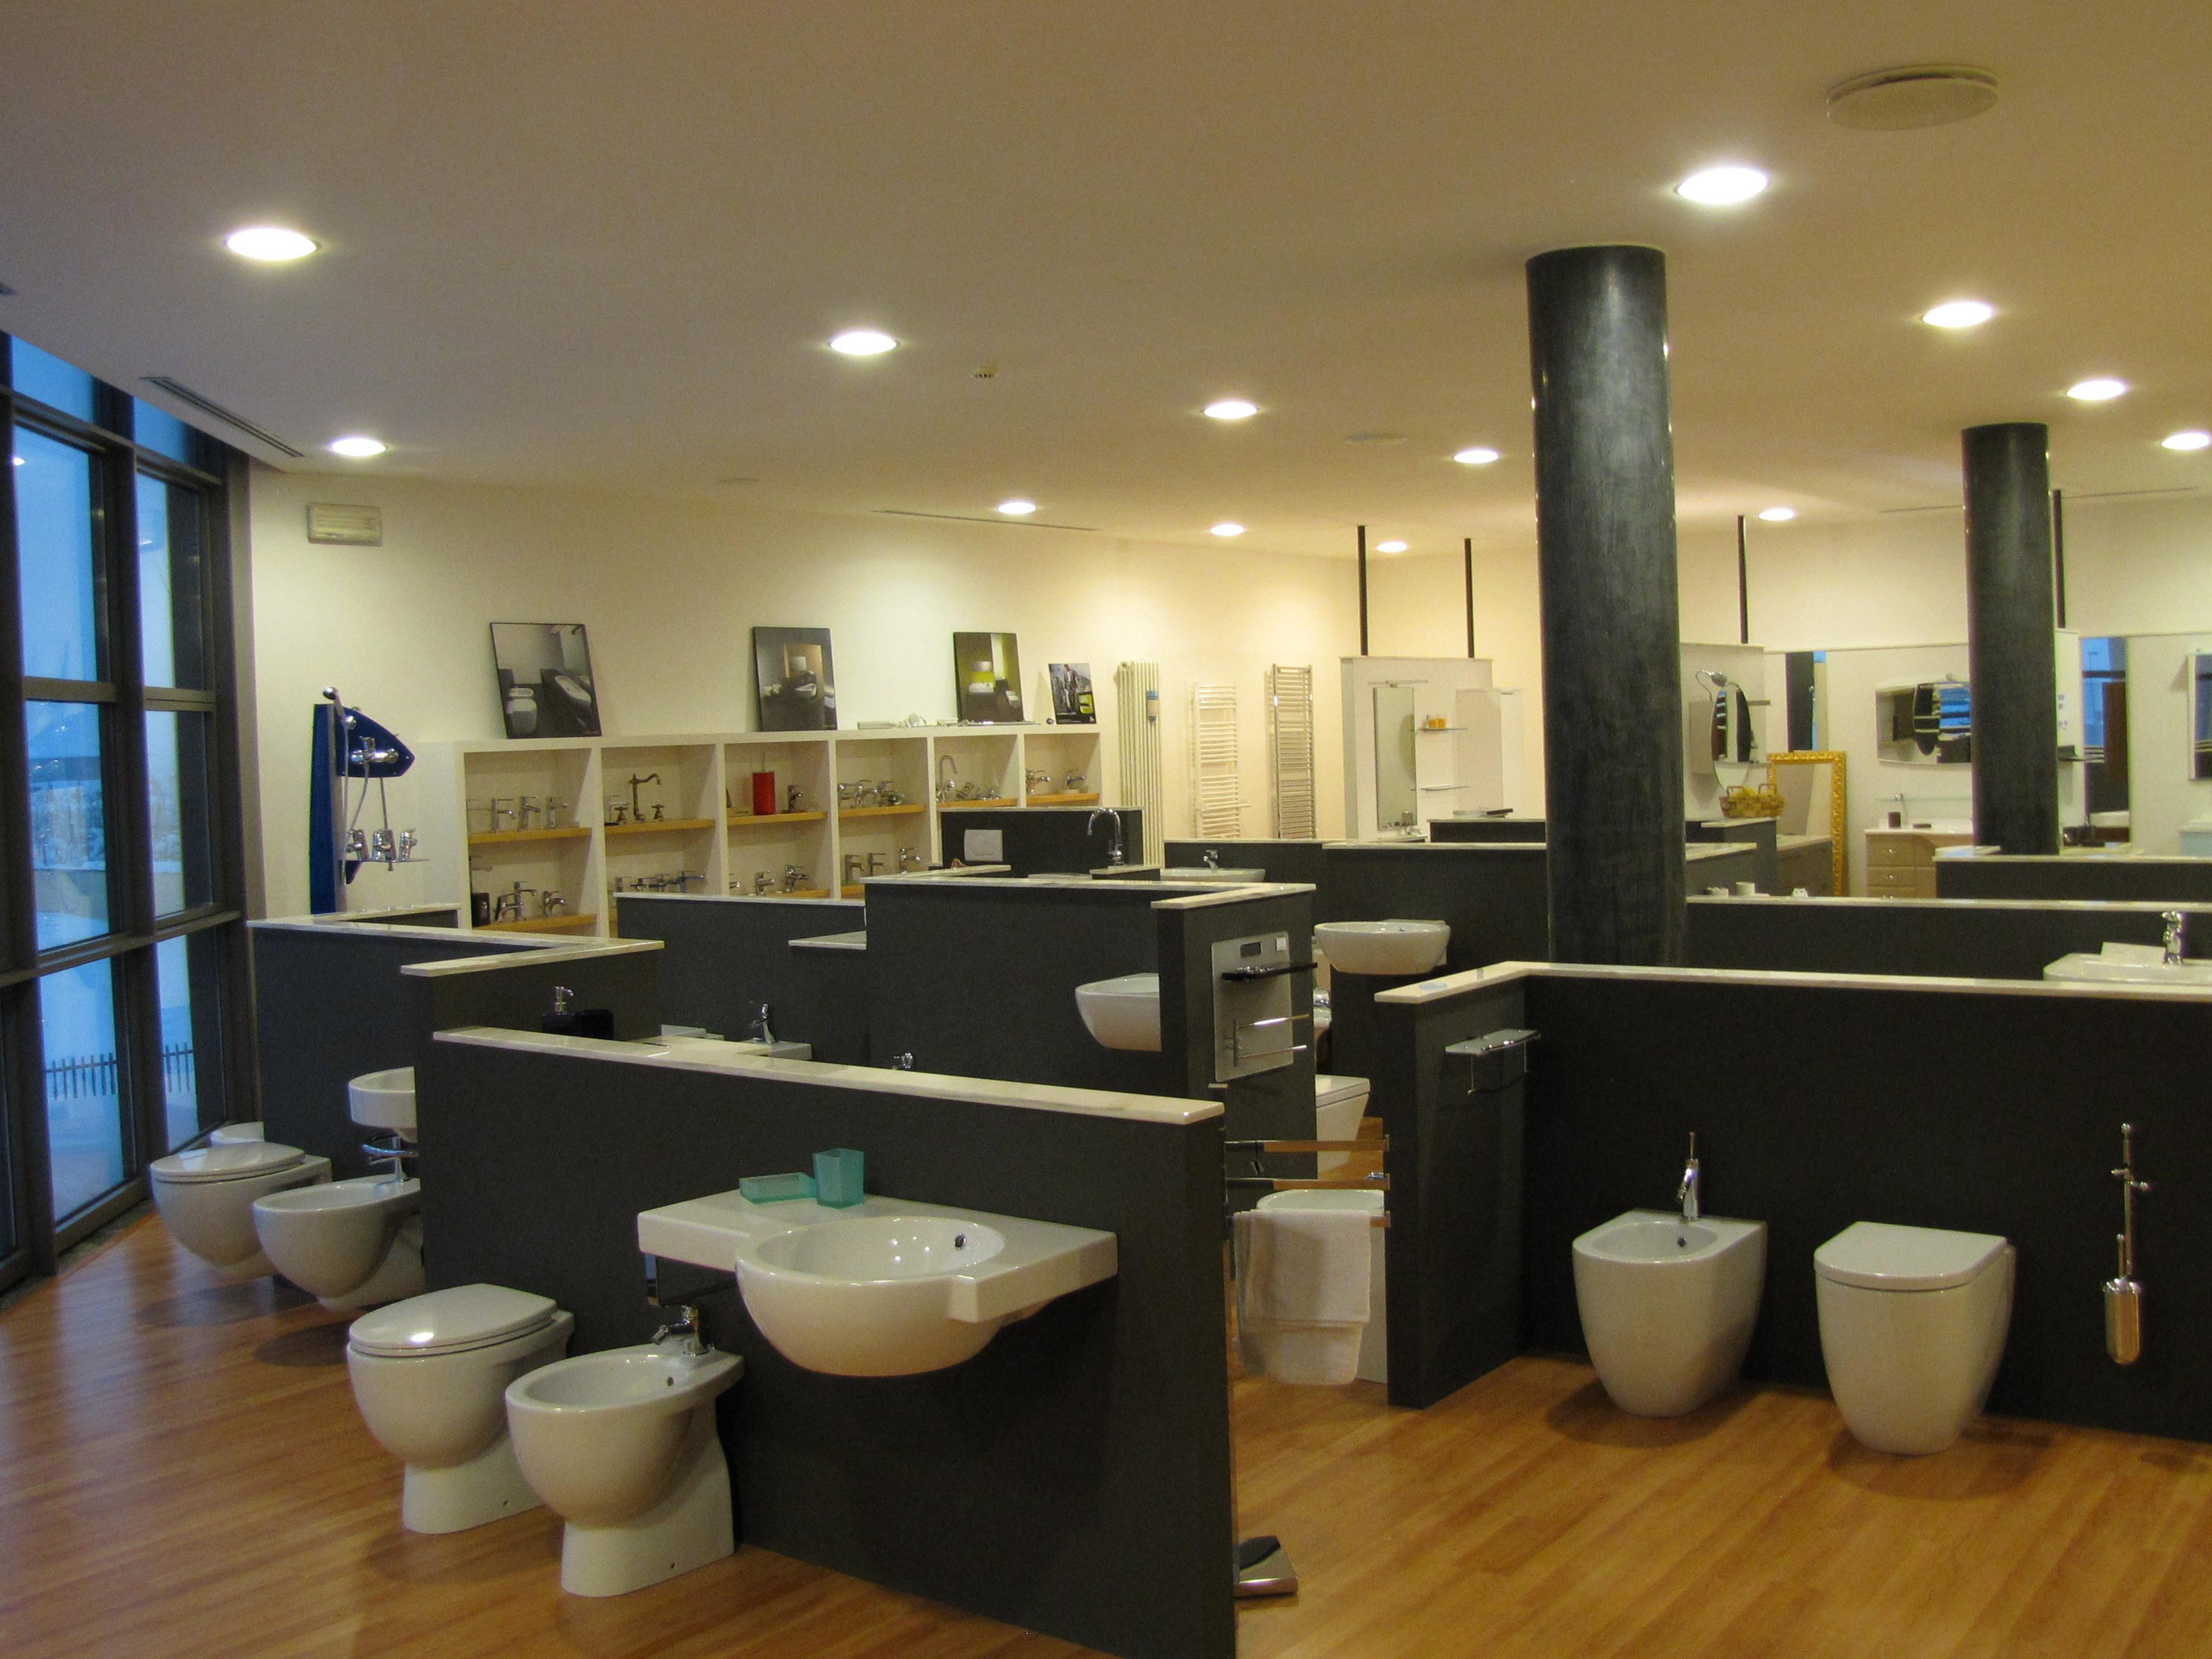 Le Migliori Marche Di Ceramiche vendita ceramiche, produzione marmi, arredi per il bagno